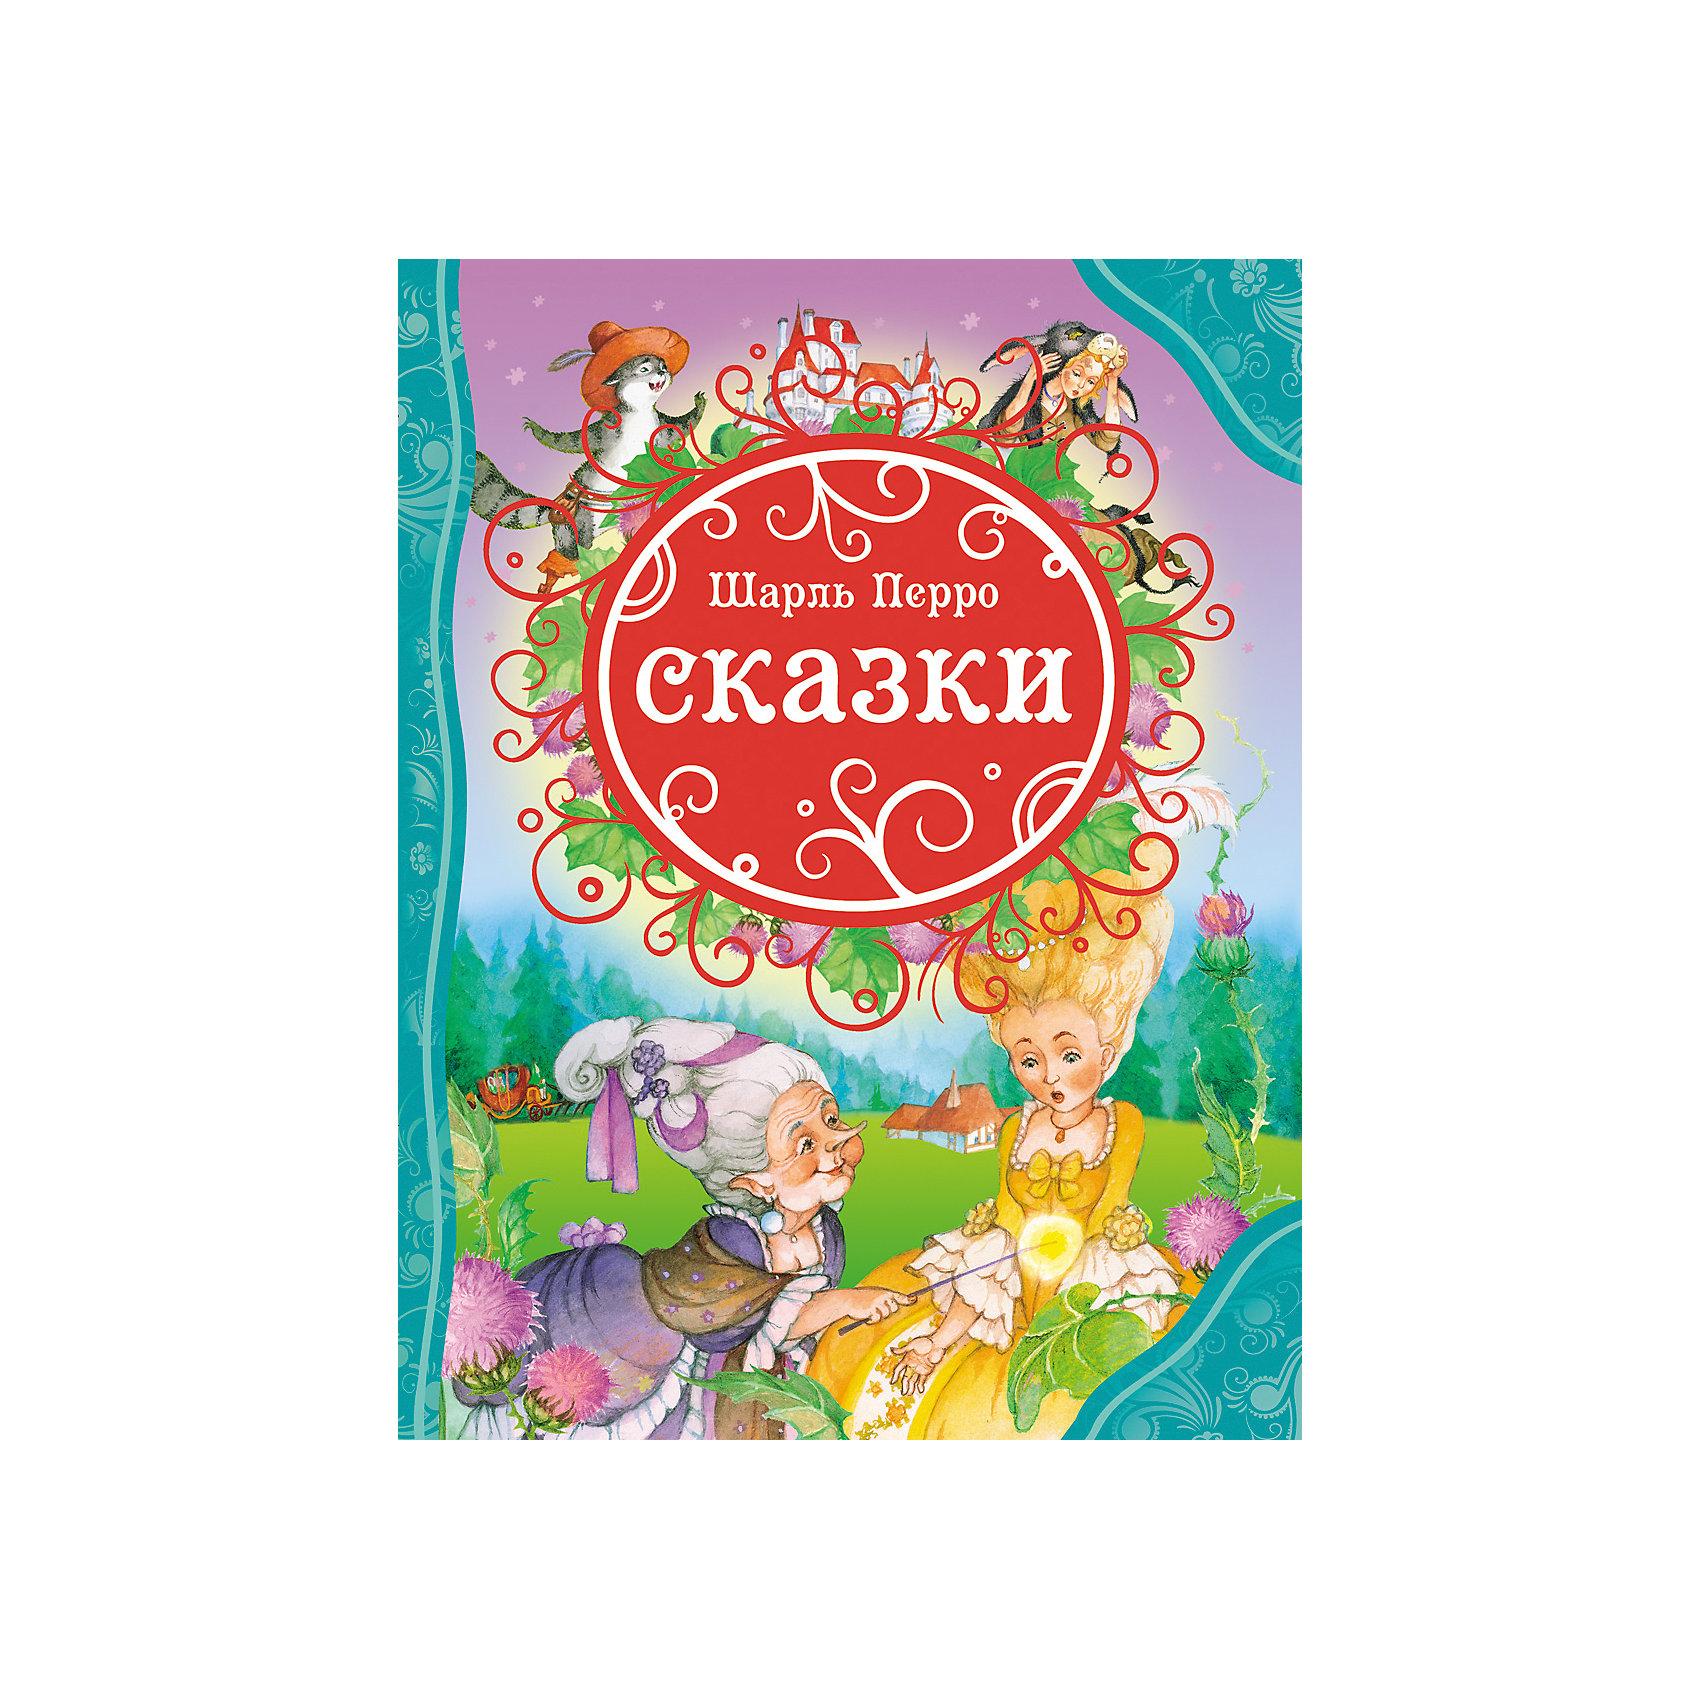 Росмэн Сказки, Ш. Перро коллоди к свифт дж перро ш андерсен г х сказки обо всем на свете